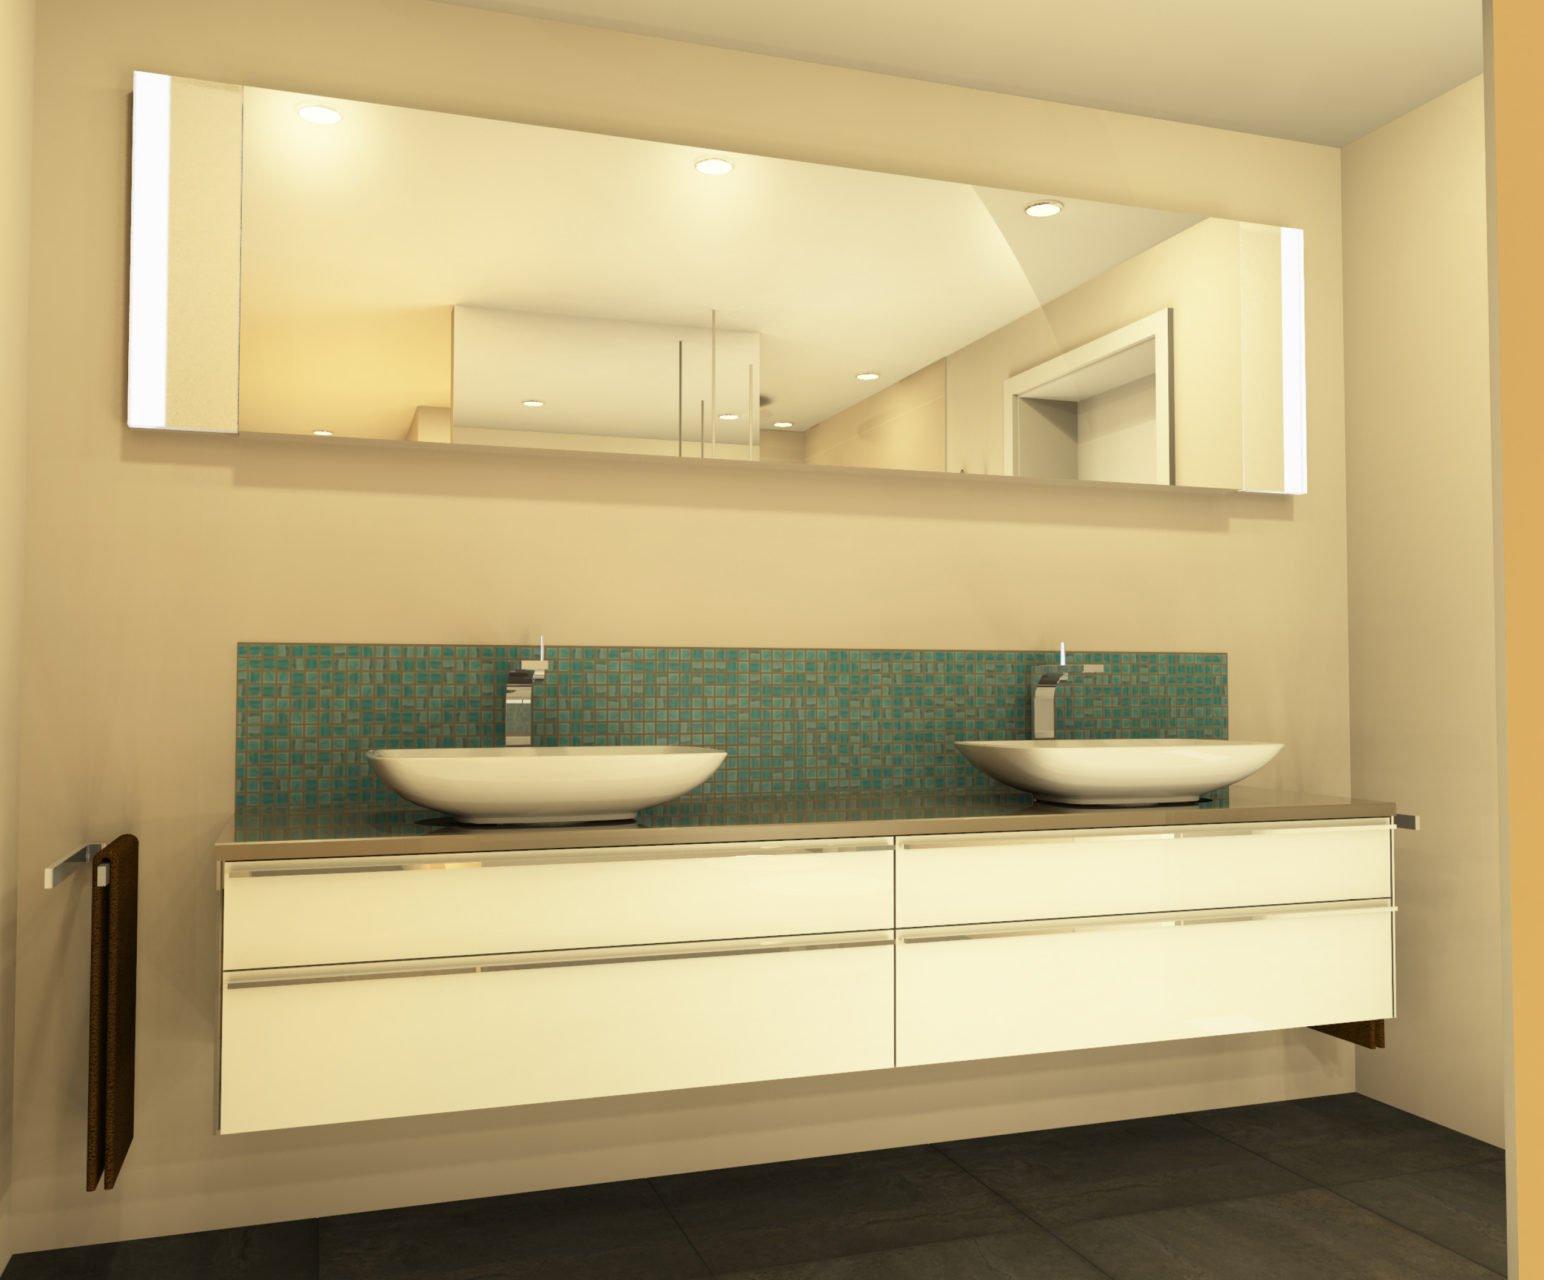 raumkonzept referenz bad 3d planung spiegelschrank nowak gmbh bergisch gladbach. Black Bedroom Furniture Sets. Home Design Ideas